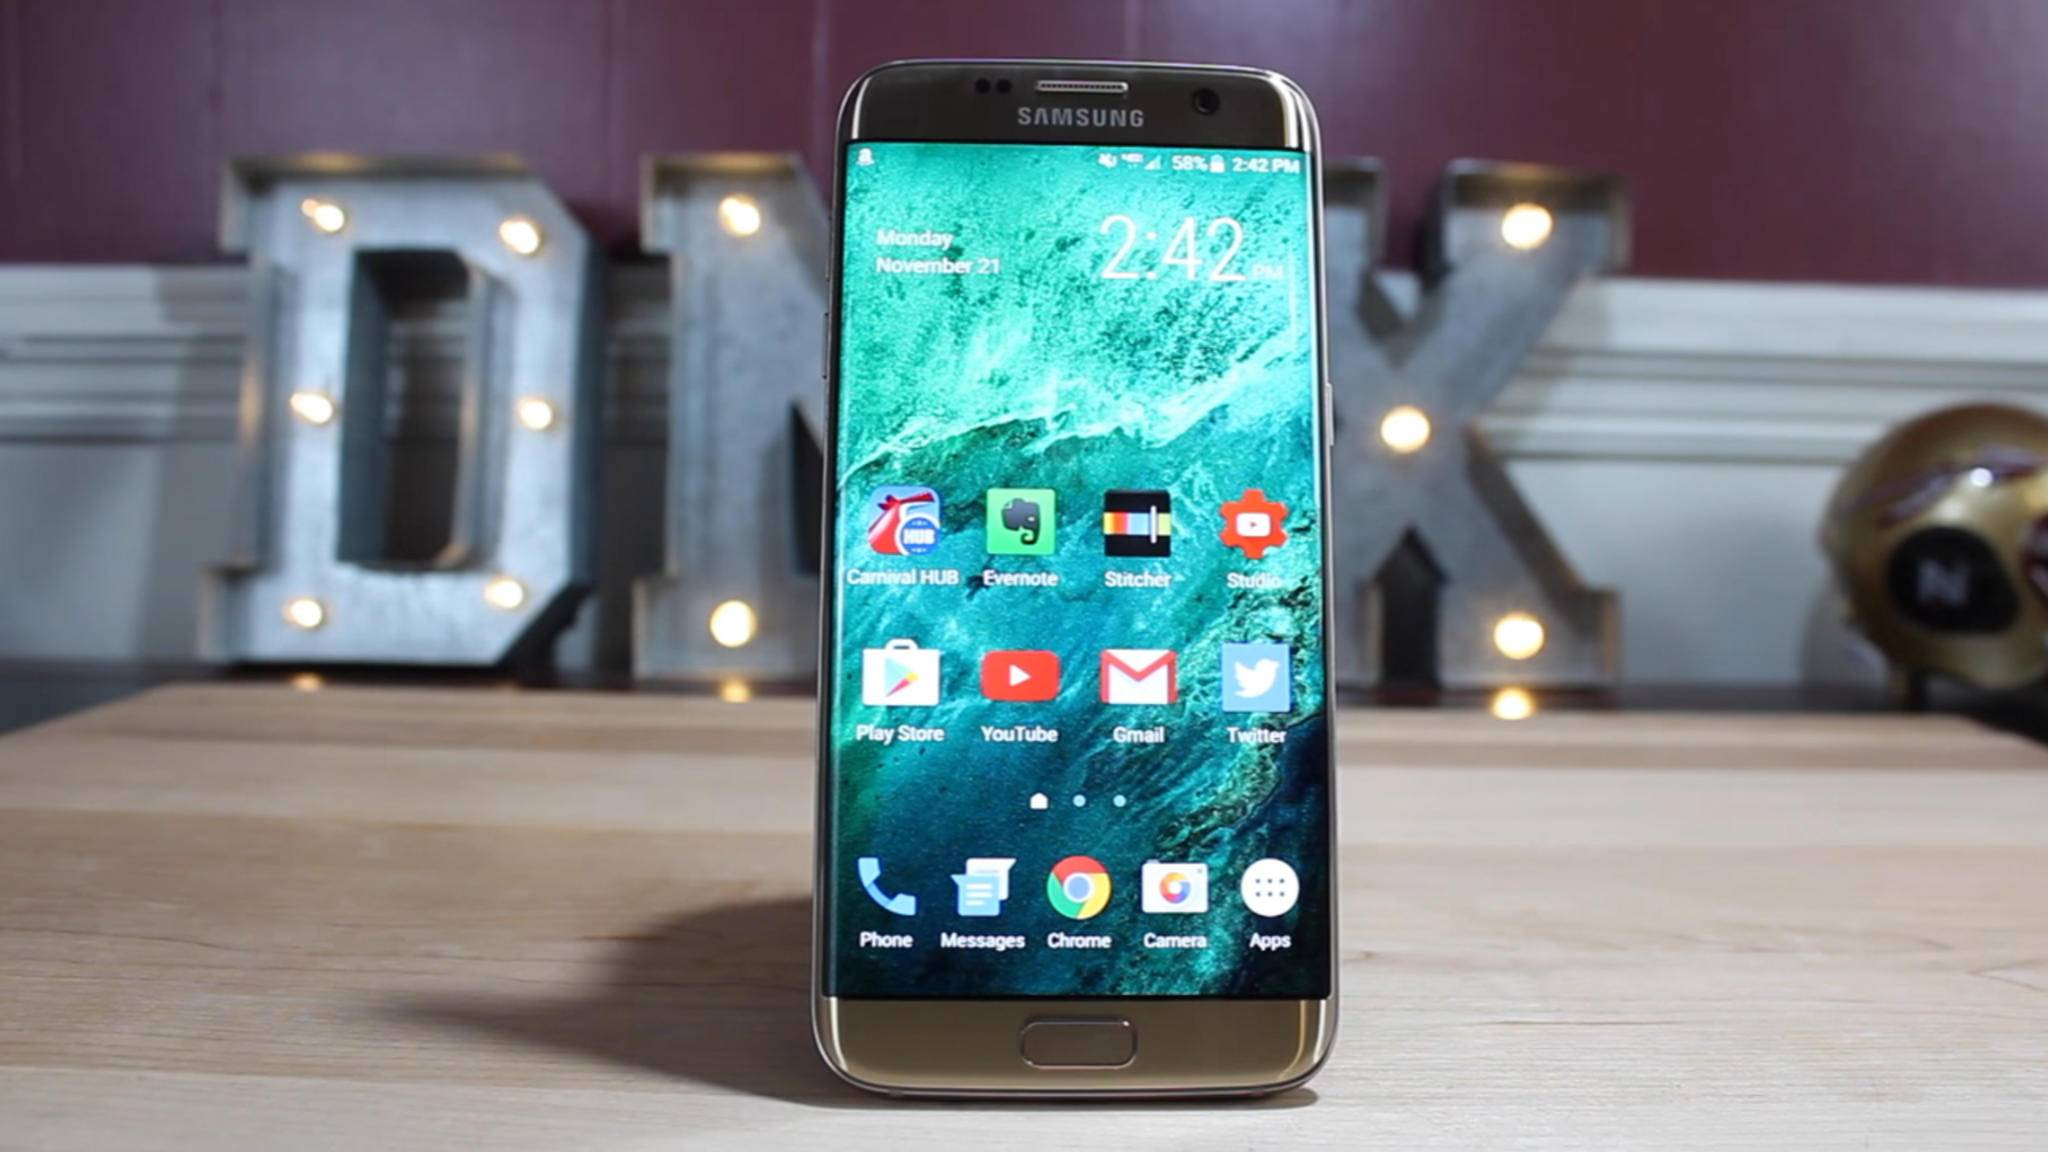 Der Fingerabdrucksensor auf dem Galaxy S7 könnte bald den PC entsperren.